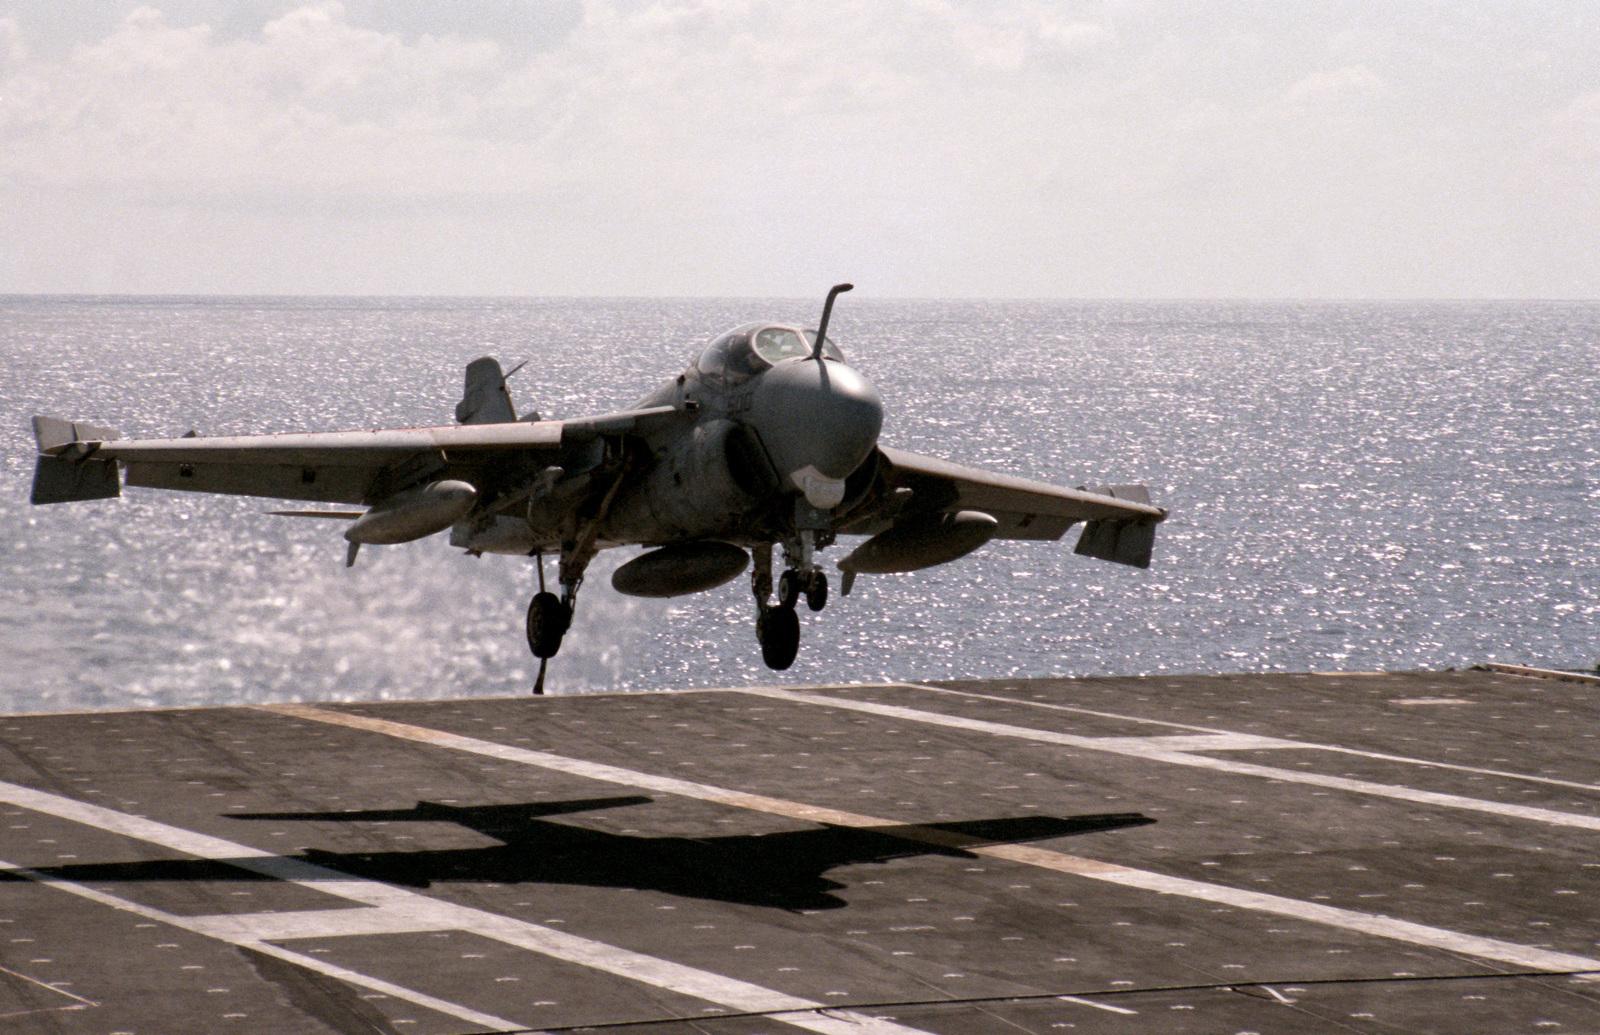 An A-6E Intruder aircraft lands aboard the nuclear-powered aircraft carrier USS DWIGHT D. EISENHOWER (CVN 69)